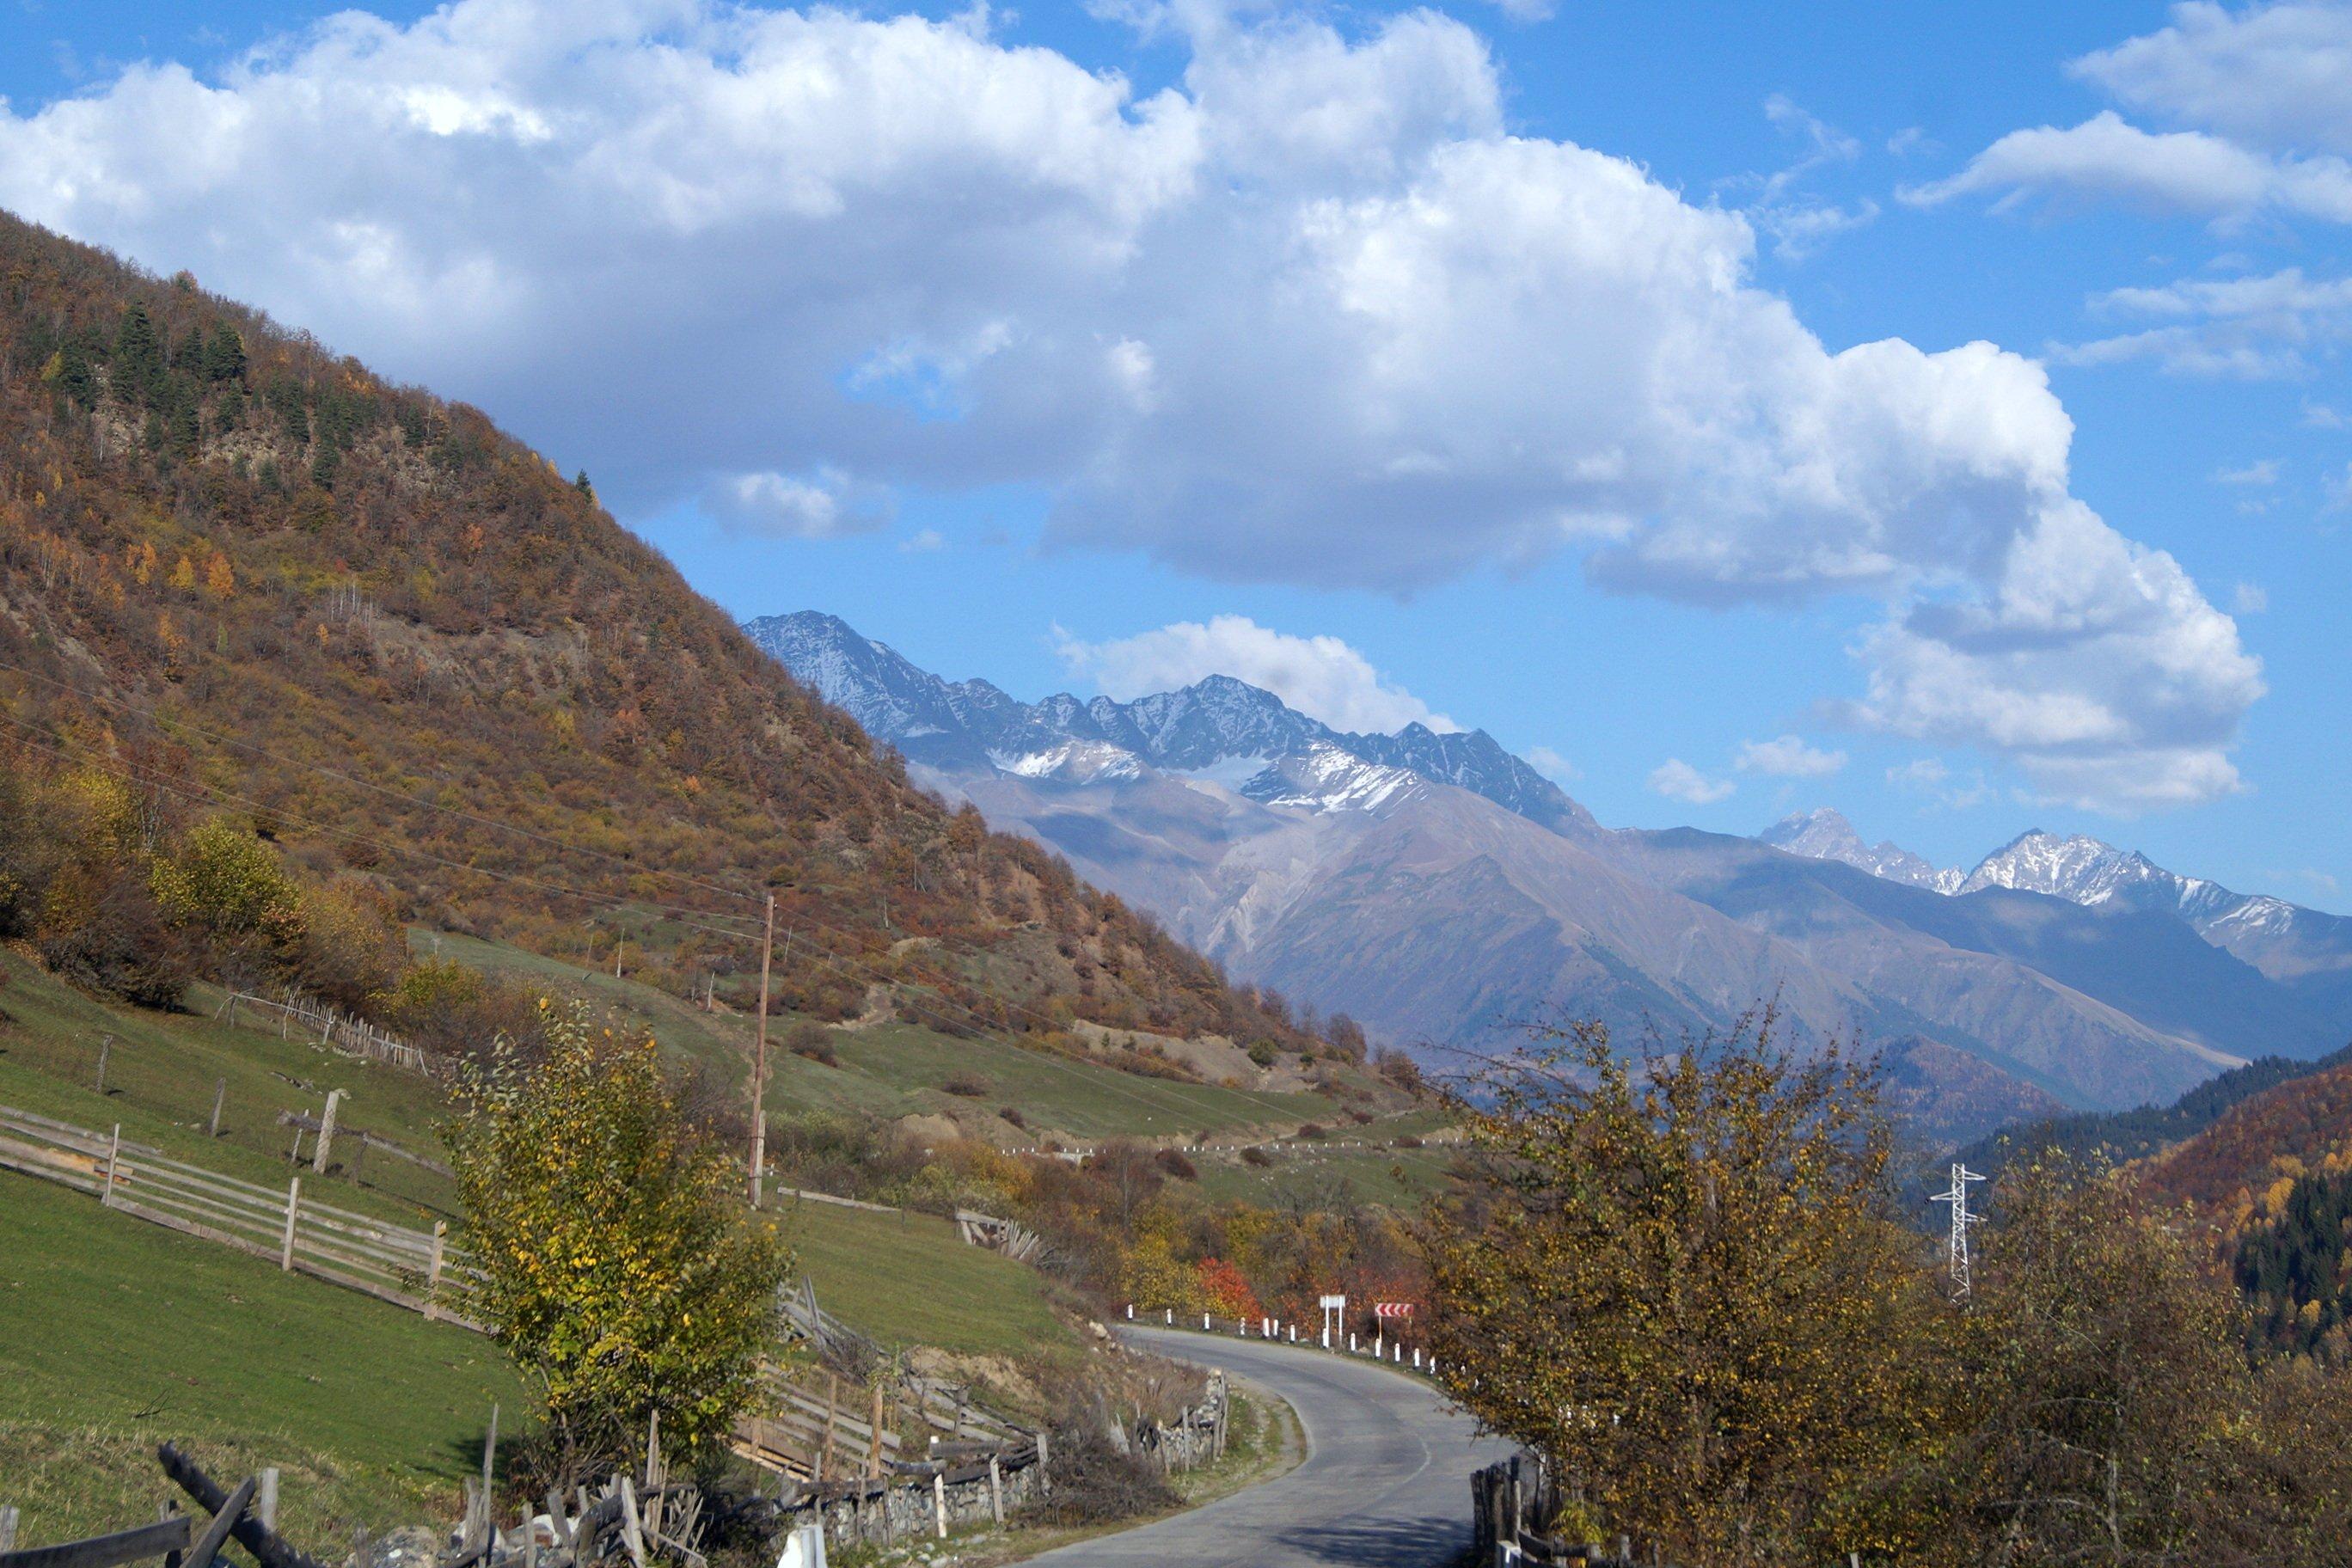 Долгая дорога в горы...(Заметки из солнечного отпуска. День 2, снова дорожный)